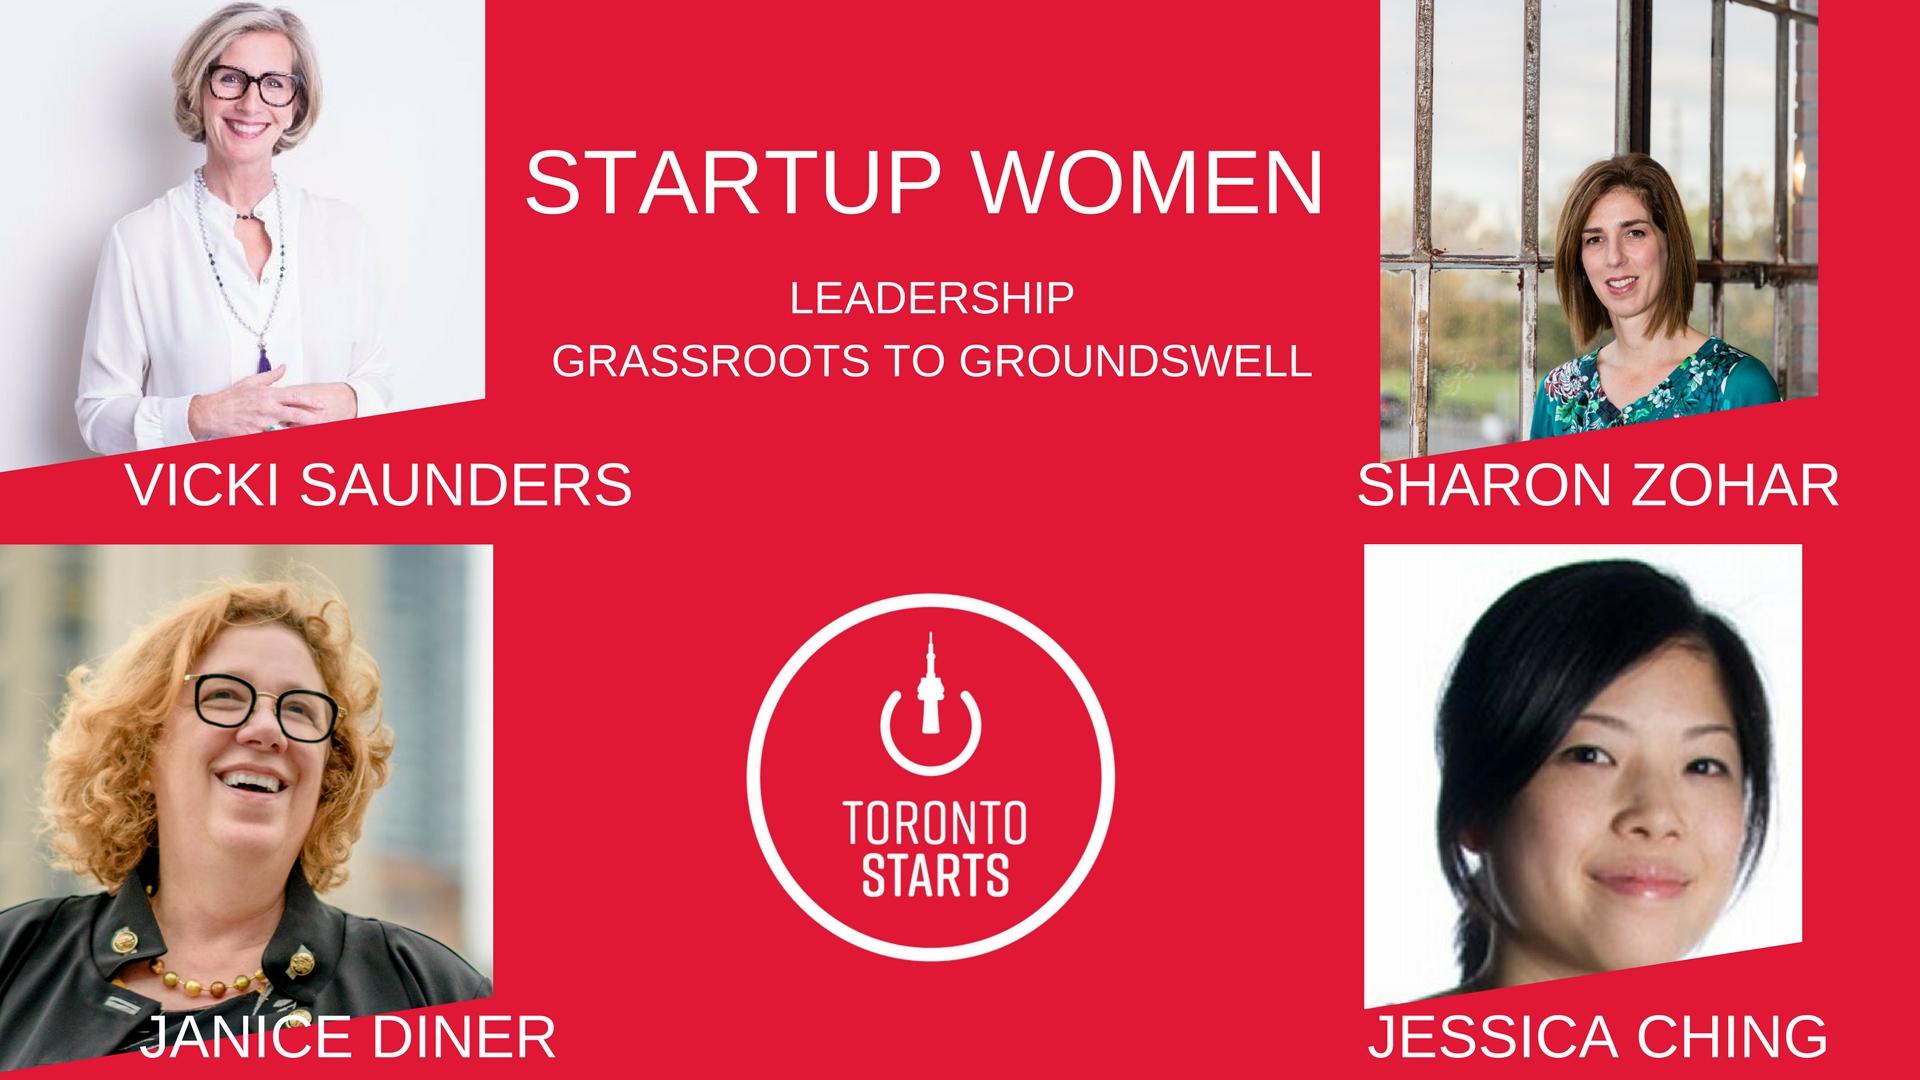 Startup Women Leadership Vicki Saunders & Sheeo by TorontoStarts